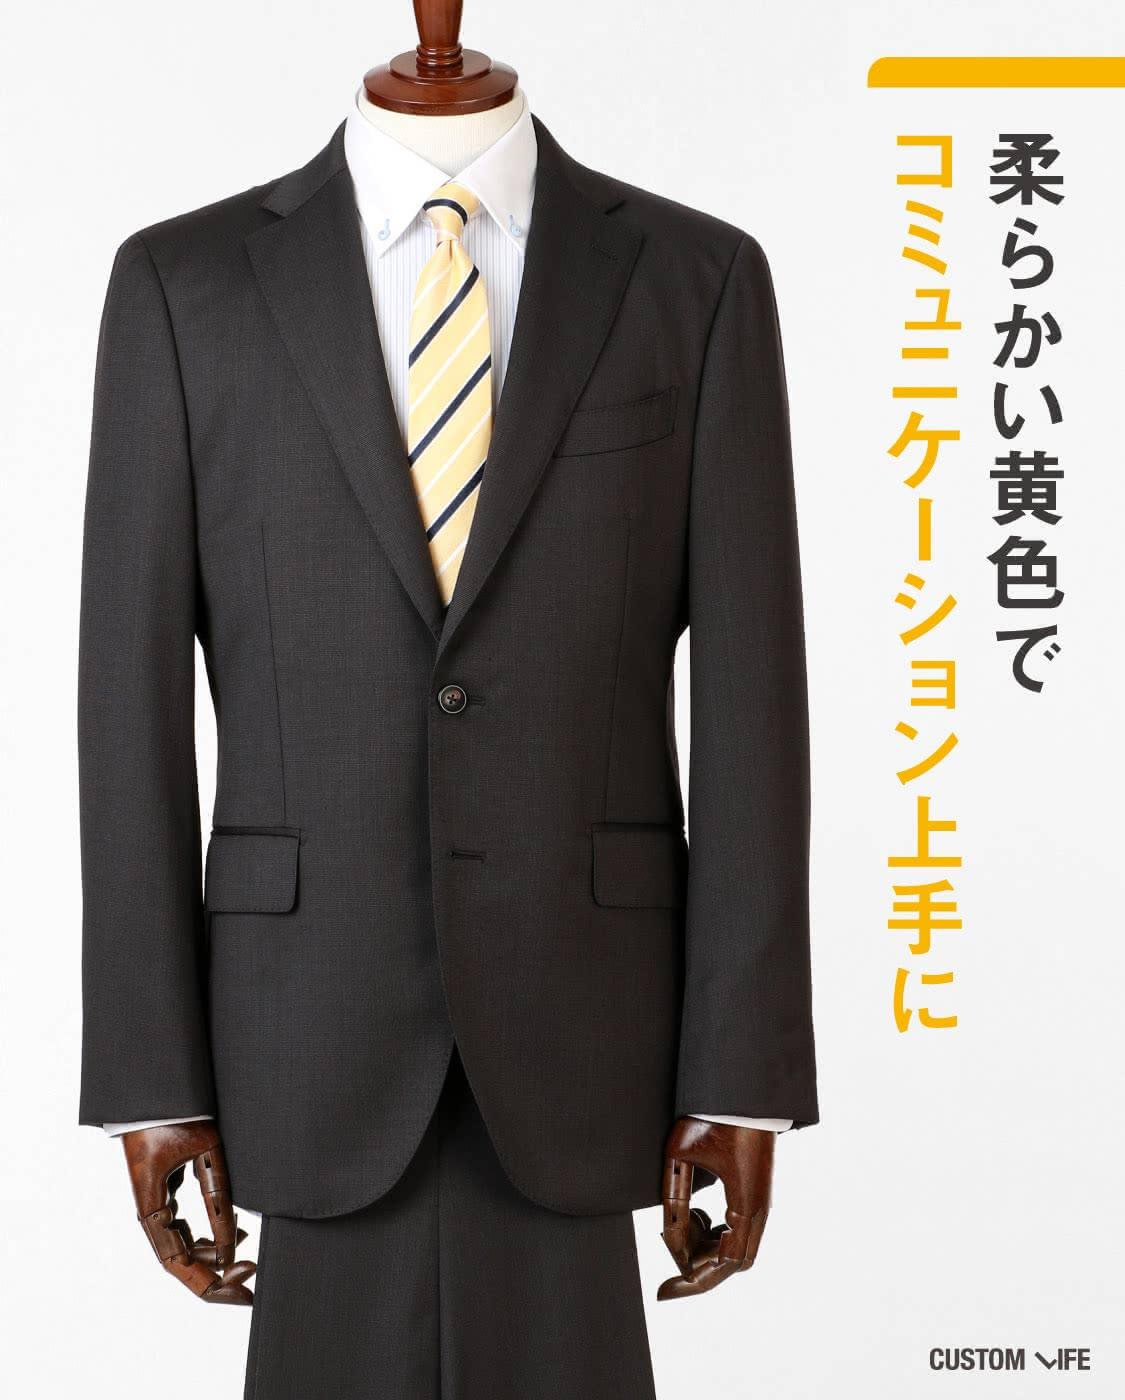 スーツ,ネクタイ